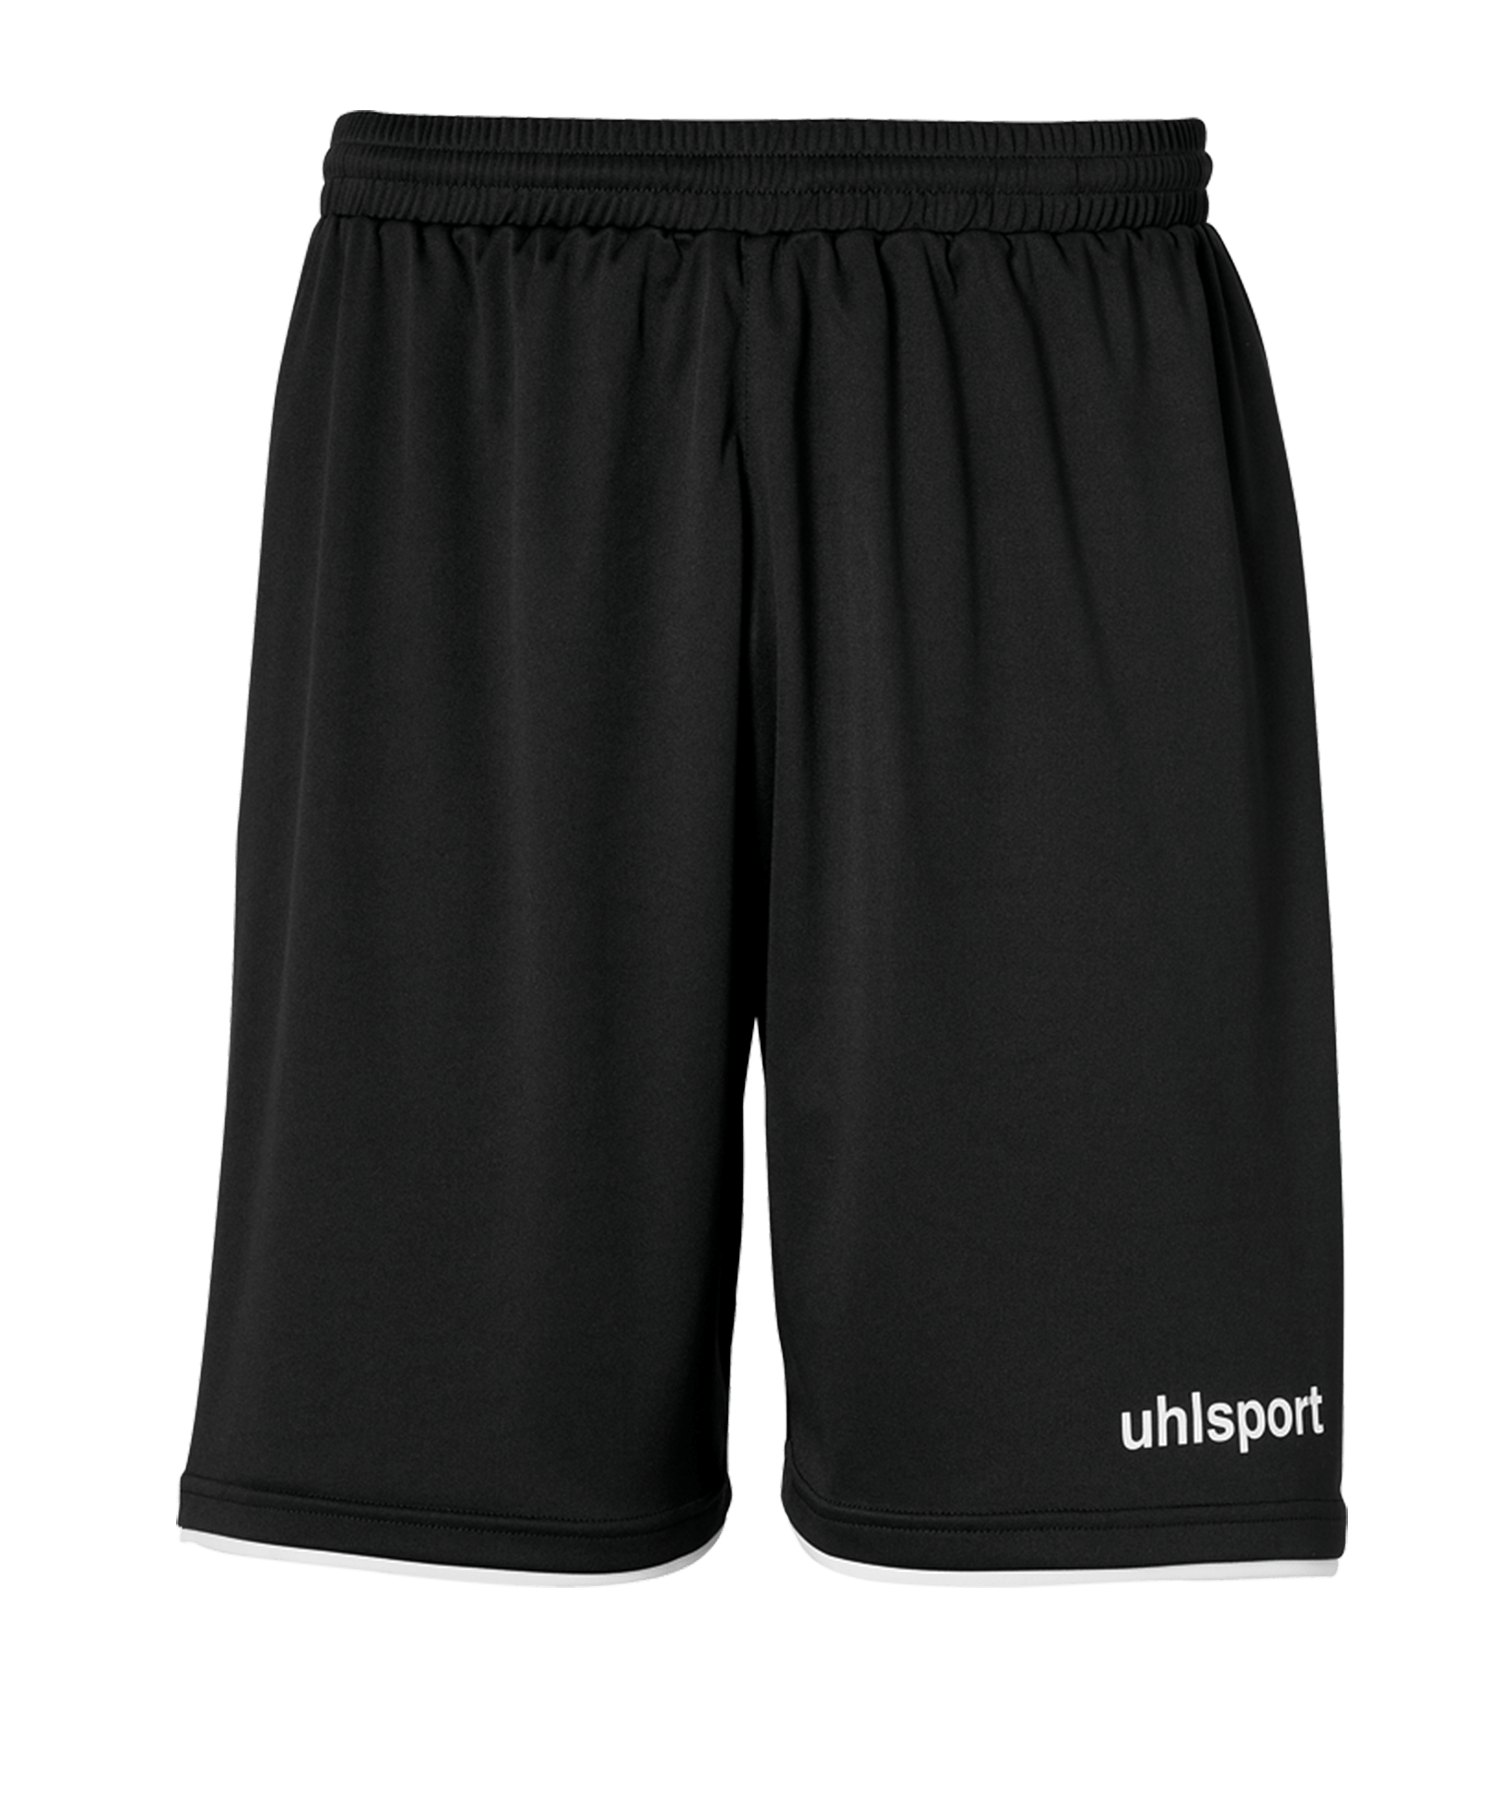 Uhlsport Club Short Schwarz Weiss F01 - schwarz